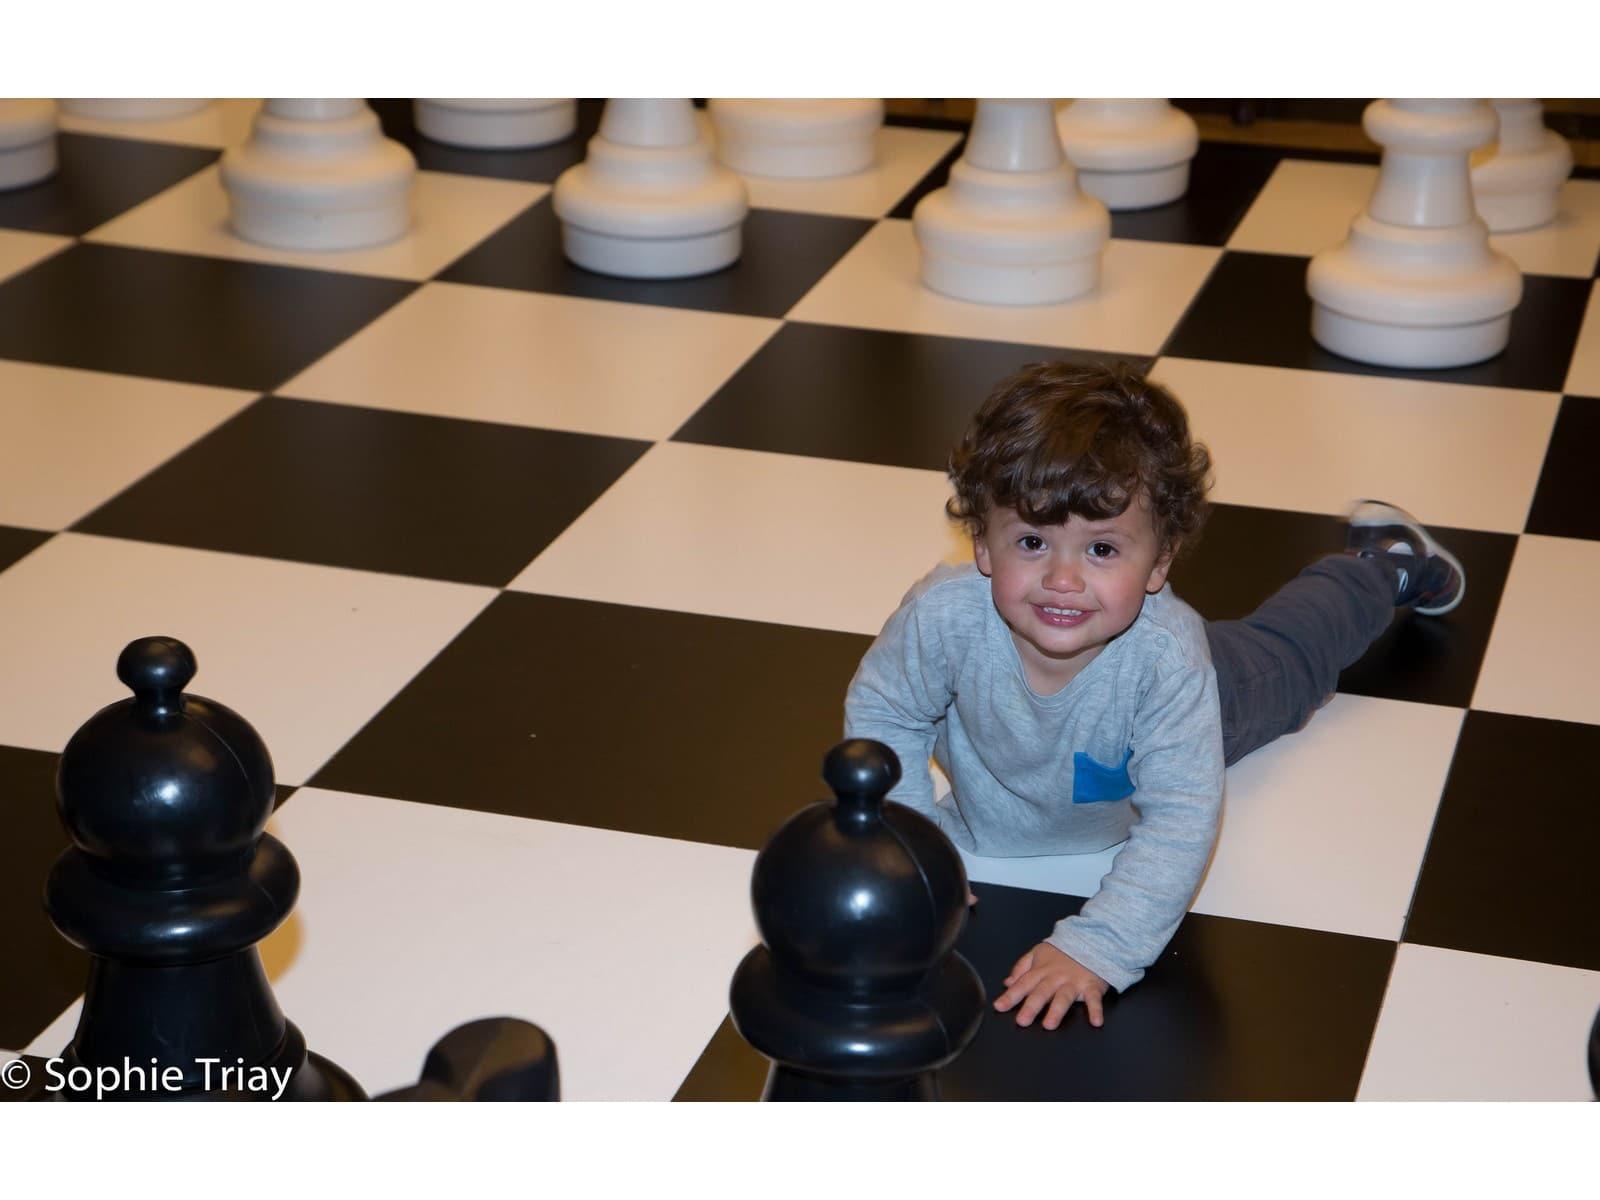 actividades-paralelas-al-open-de-ajedrez-de-gibraltar_32313277290_o